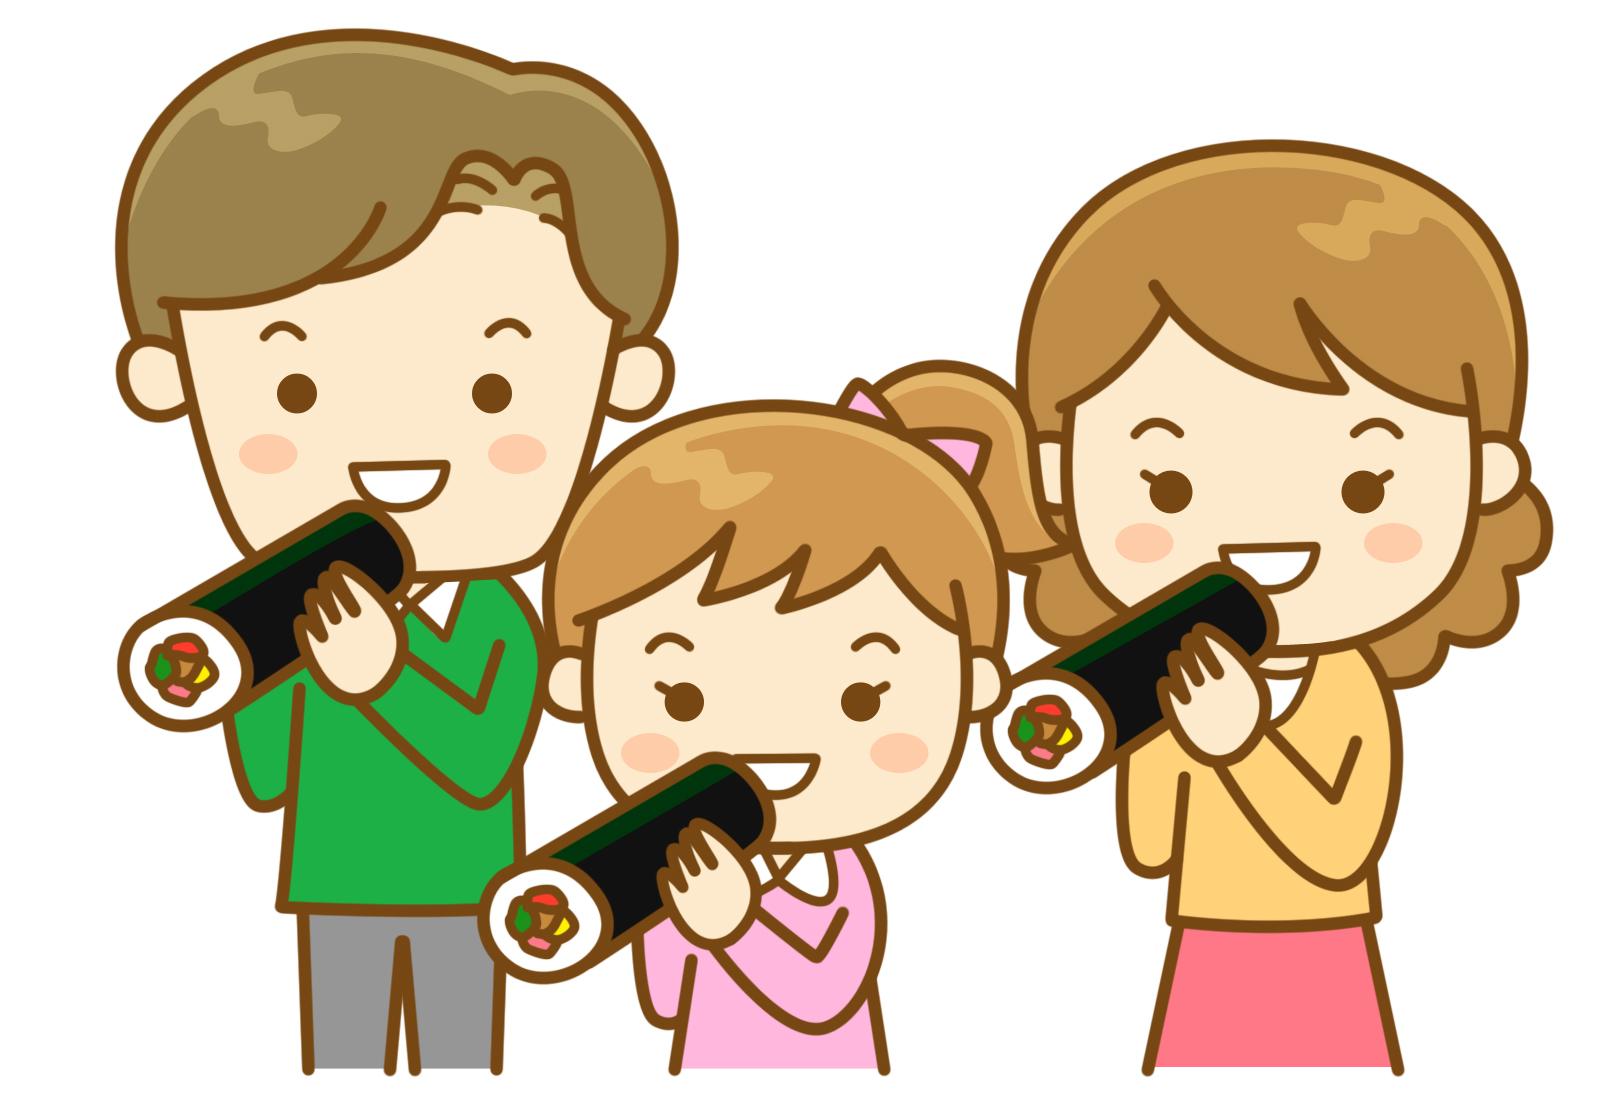 恵方巻き子供でも出来る簡単レシピと準備する物は?食べる方角と時間は?